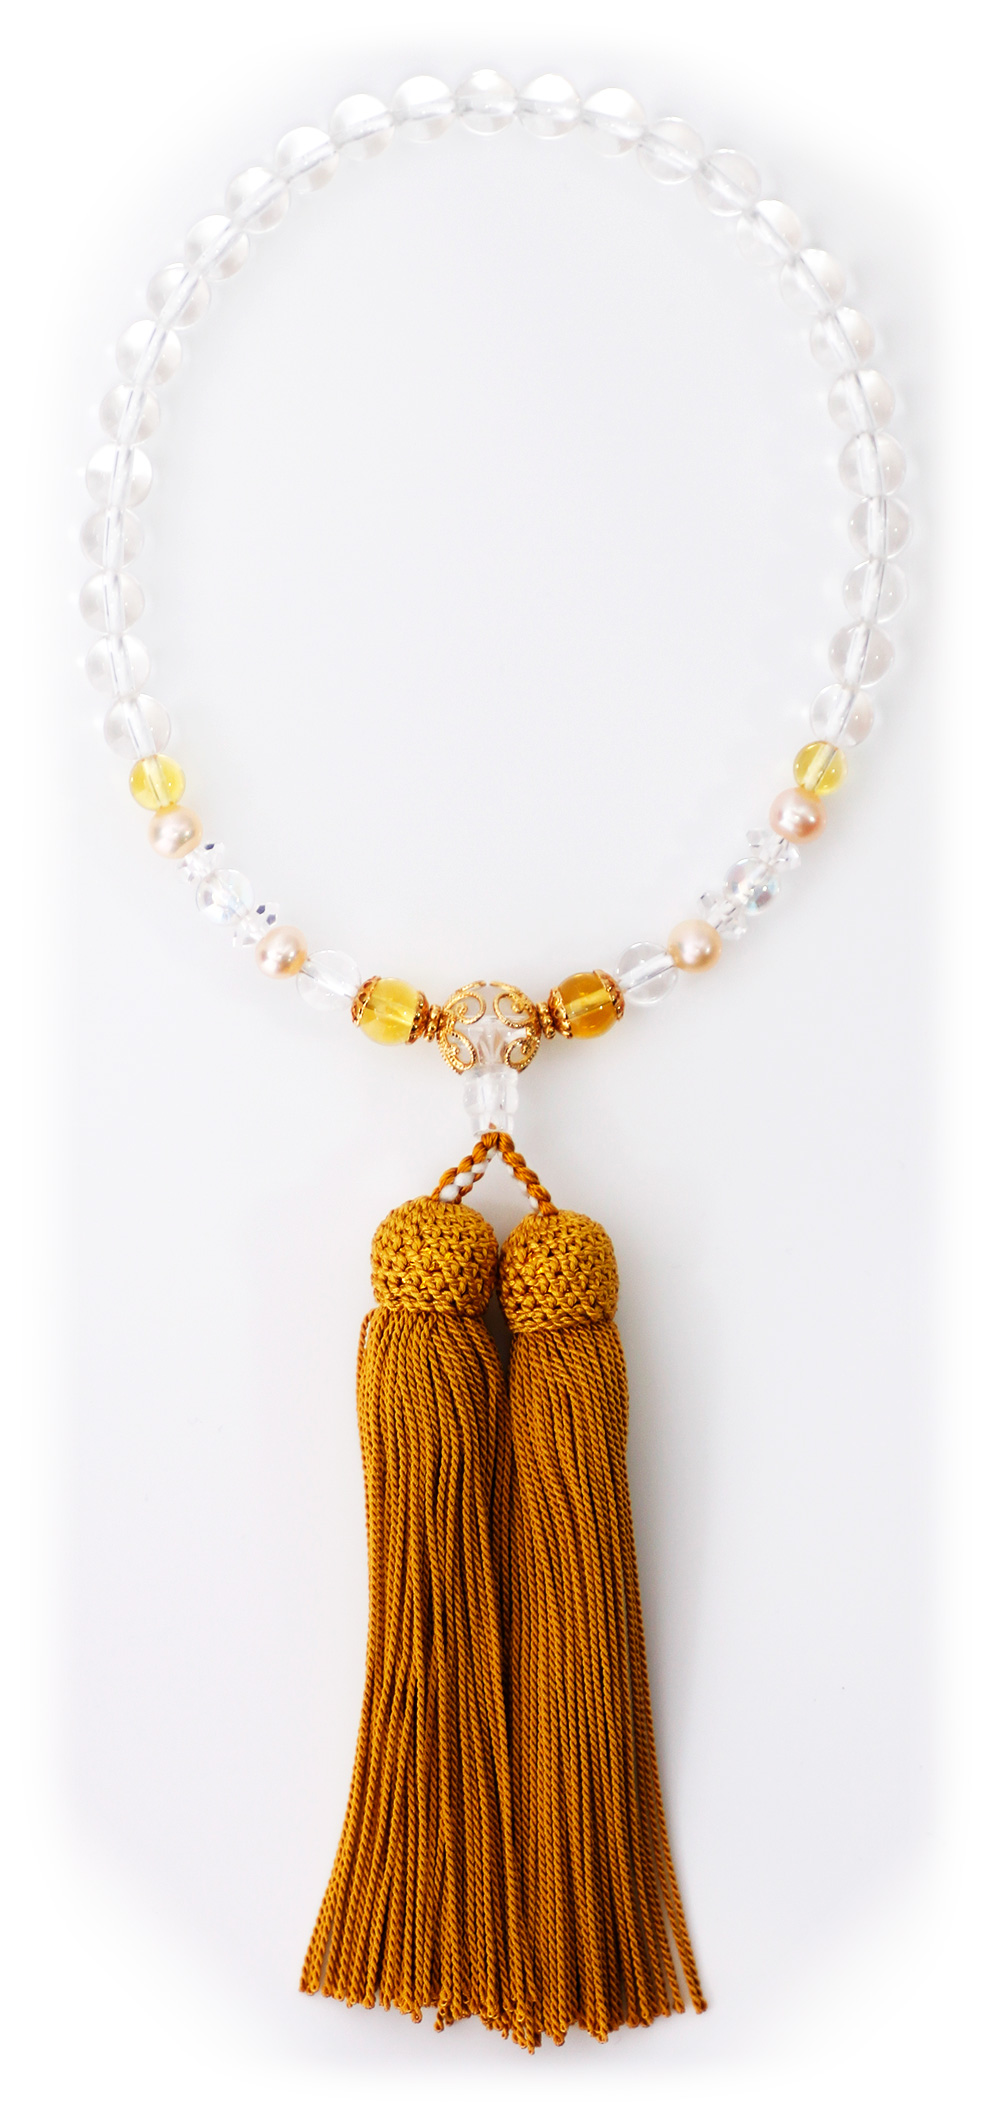 パワーストーン数珠黄色水晶